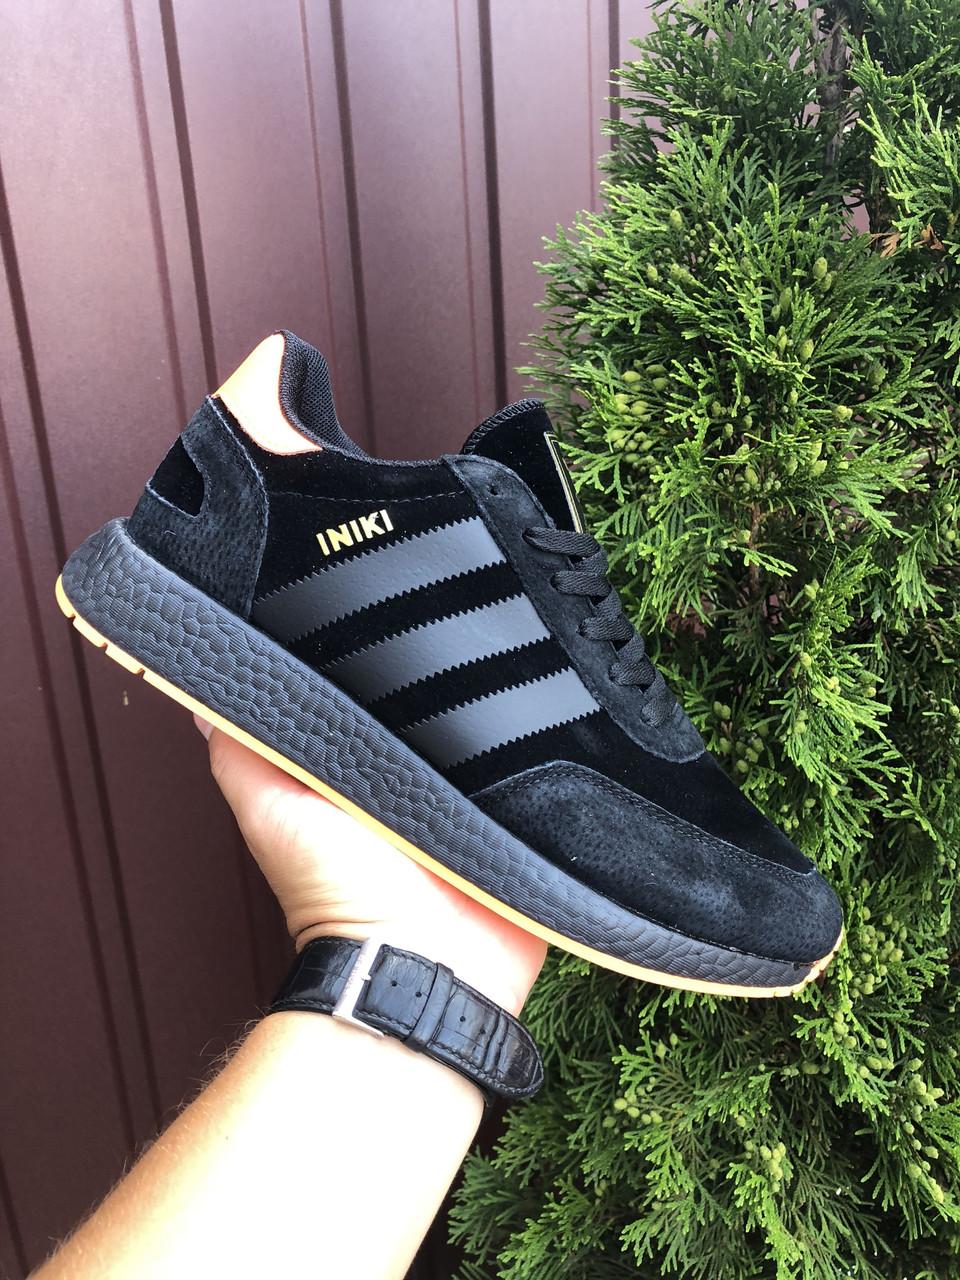 Чоловічі кросівки Adidas Iniki (чорно-помаранчеві) В10589 якісна взуття